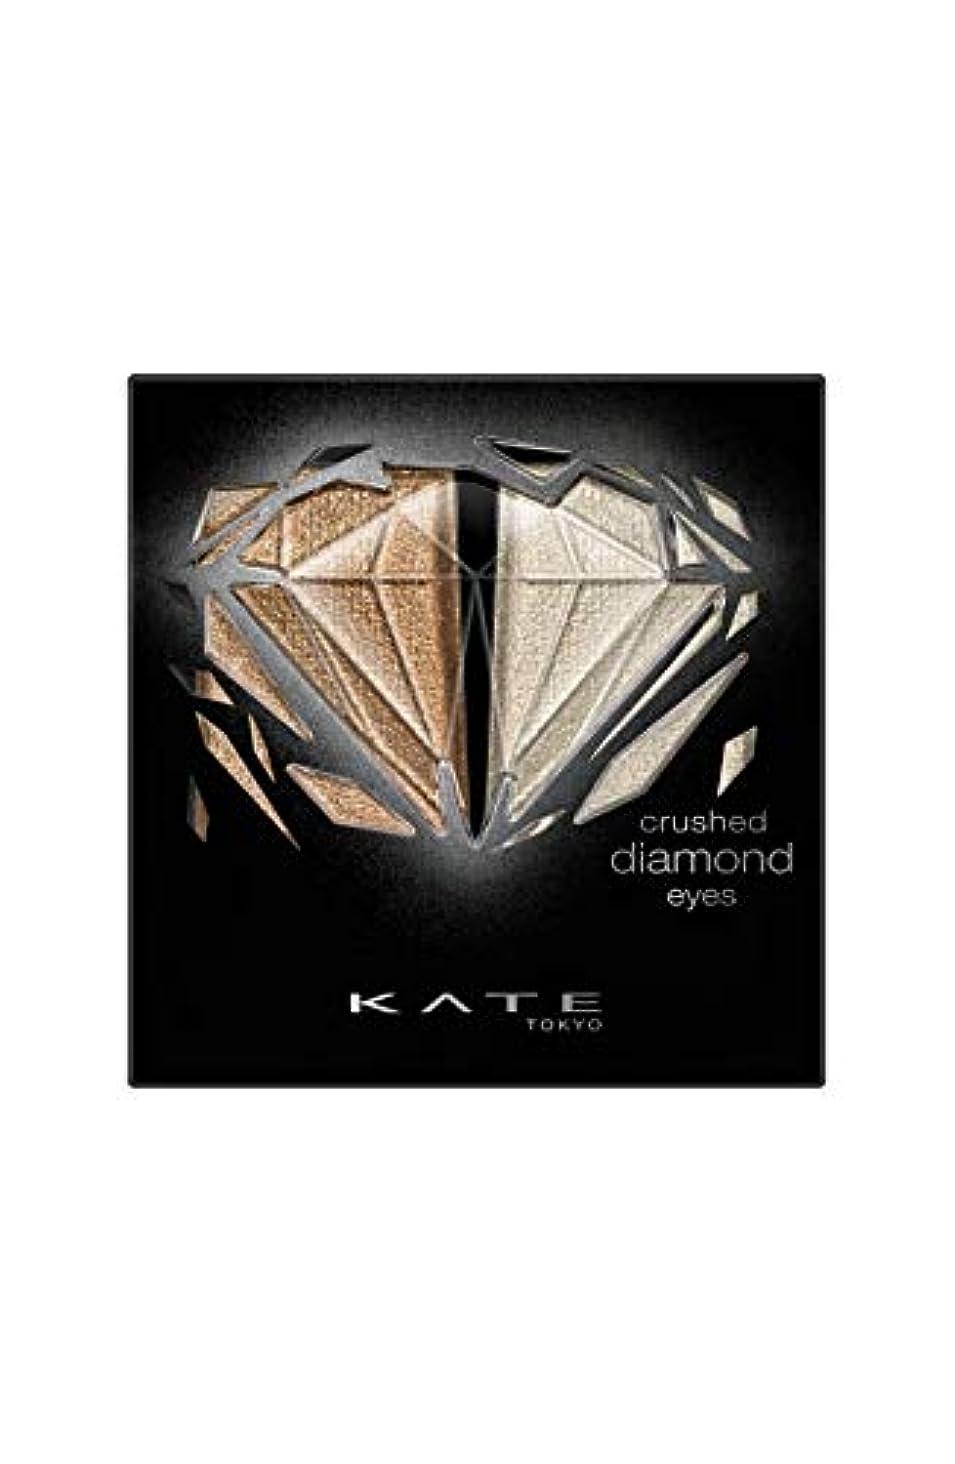 バブルボイドチーフケイト クラッシュダイヤモンドアイズ BR-1 アイシャドウ